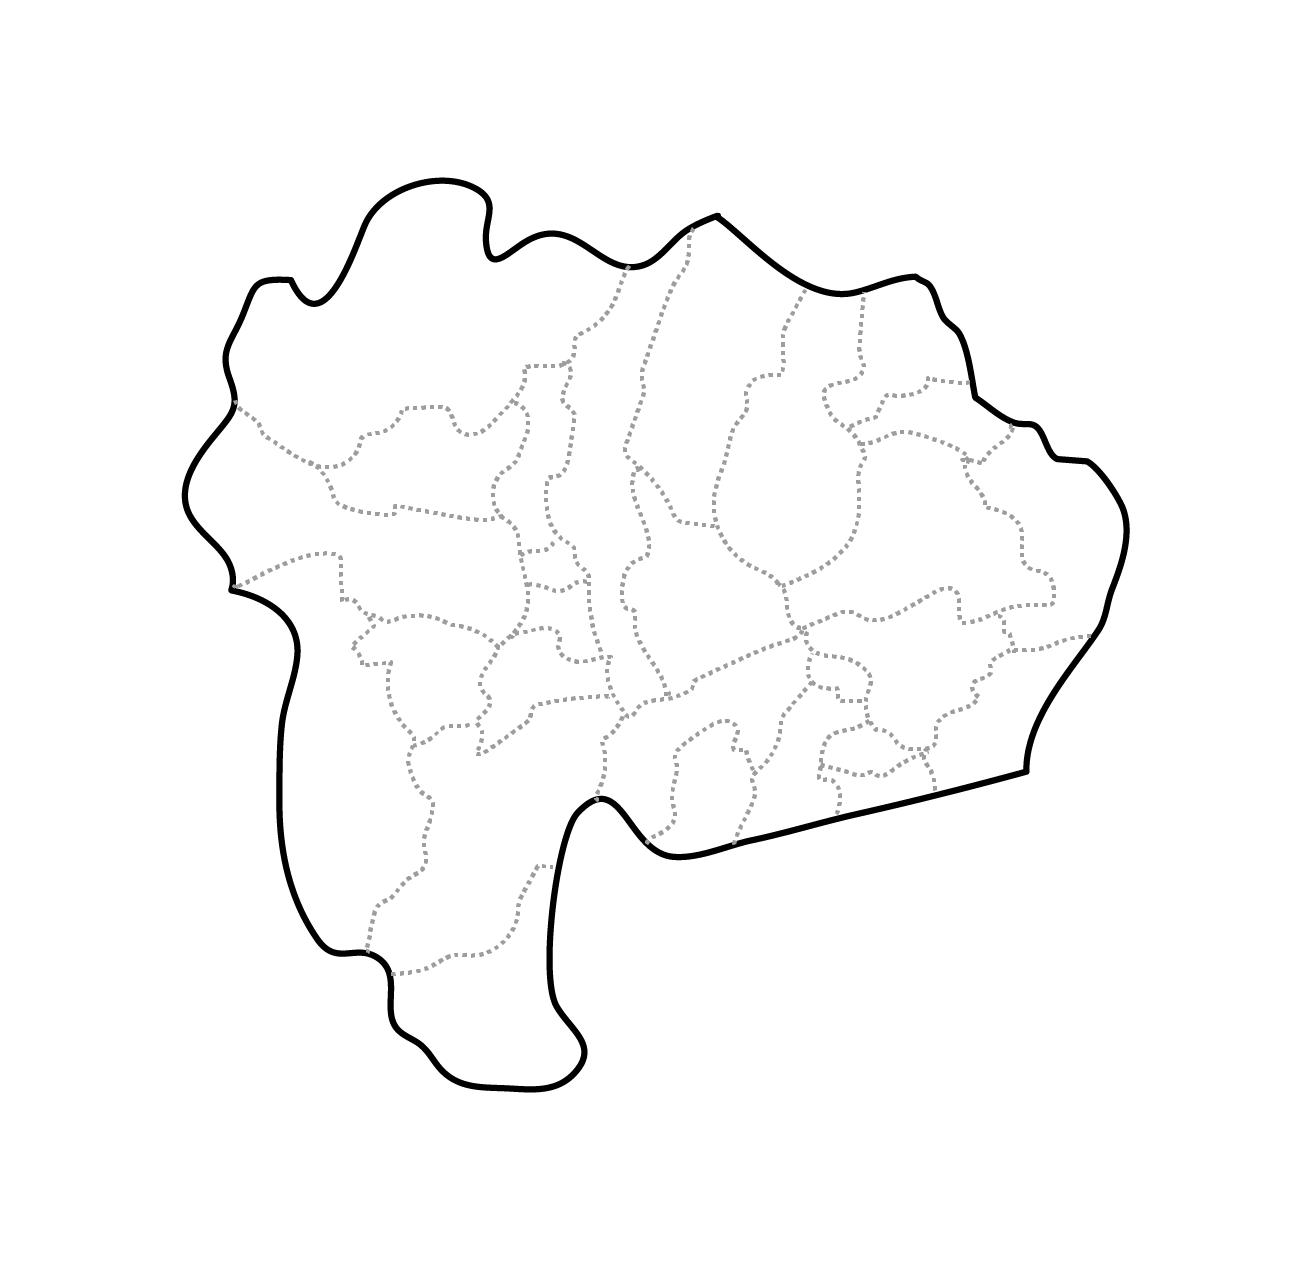 [白地図]山梨県・ラインあり・市区町村名なし